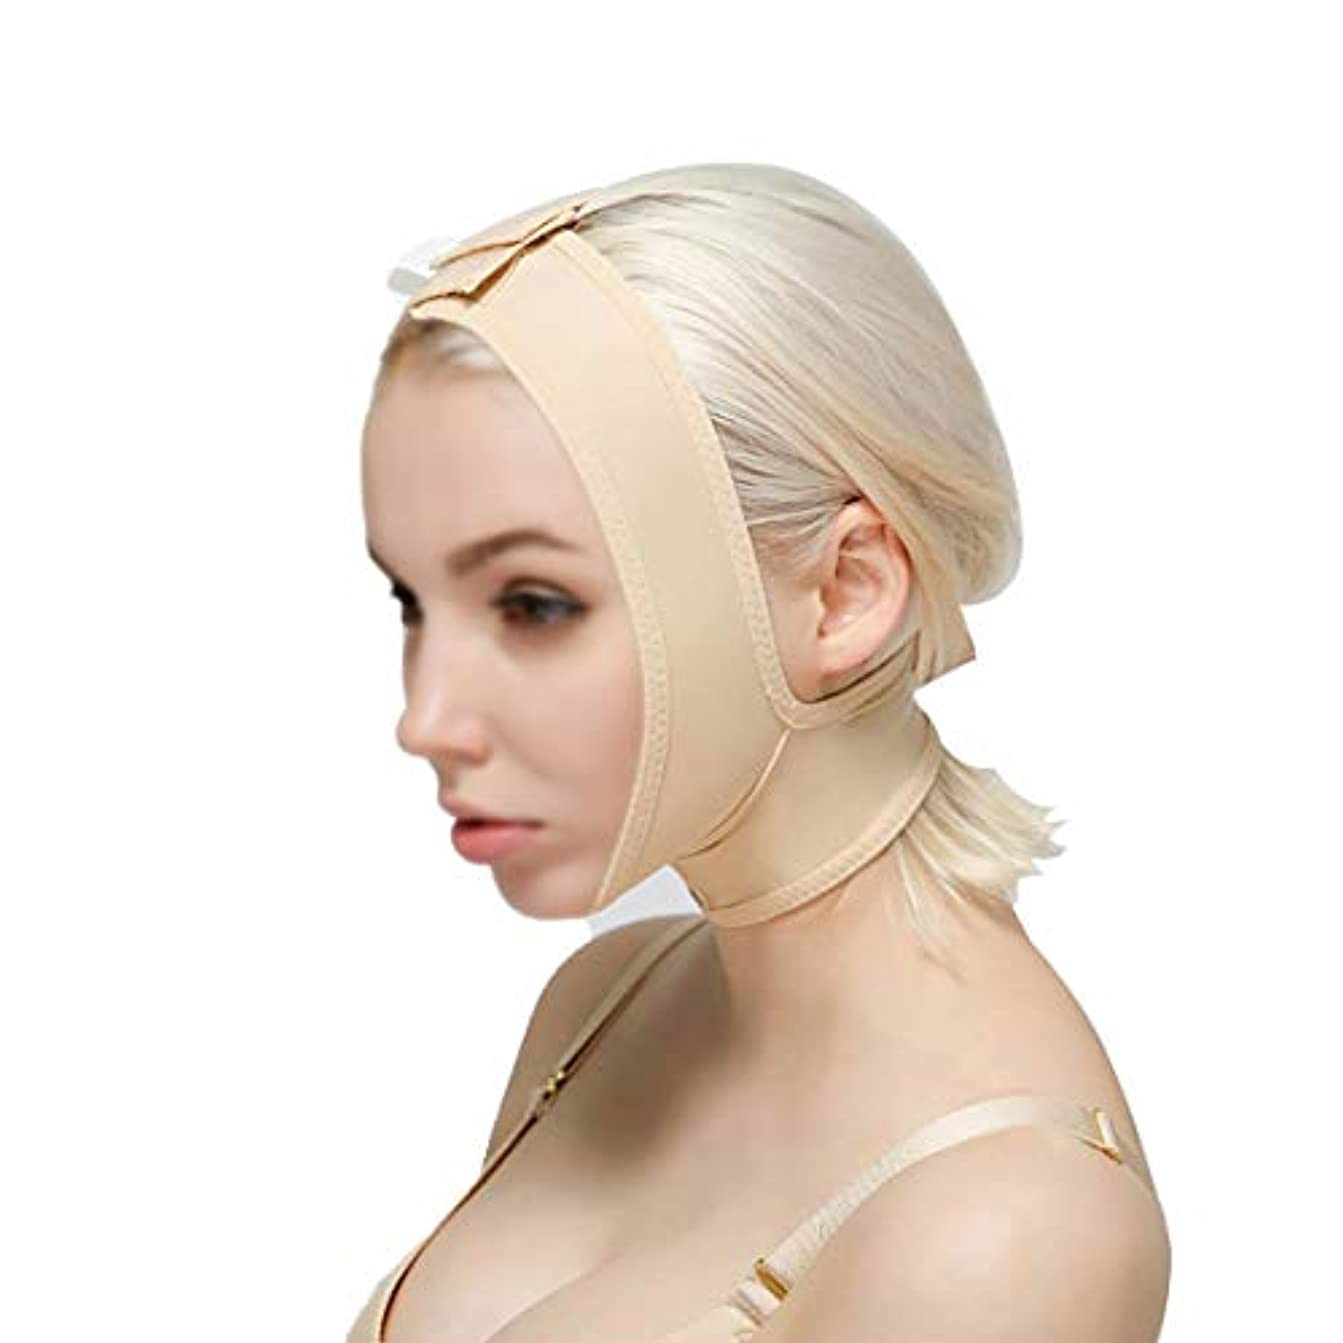 プロペララグ思い出させるTLMY 顔と首のリフト減量術後弾性スリーブジョーセット顔のアーティファクトV顔の顔の顔の二重あごの薄い顔のかつら 顔用整形マスク (Size : XXL)